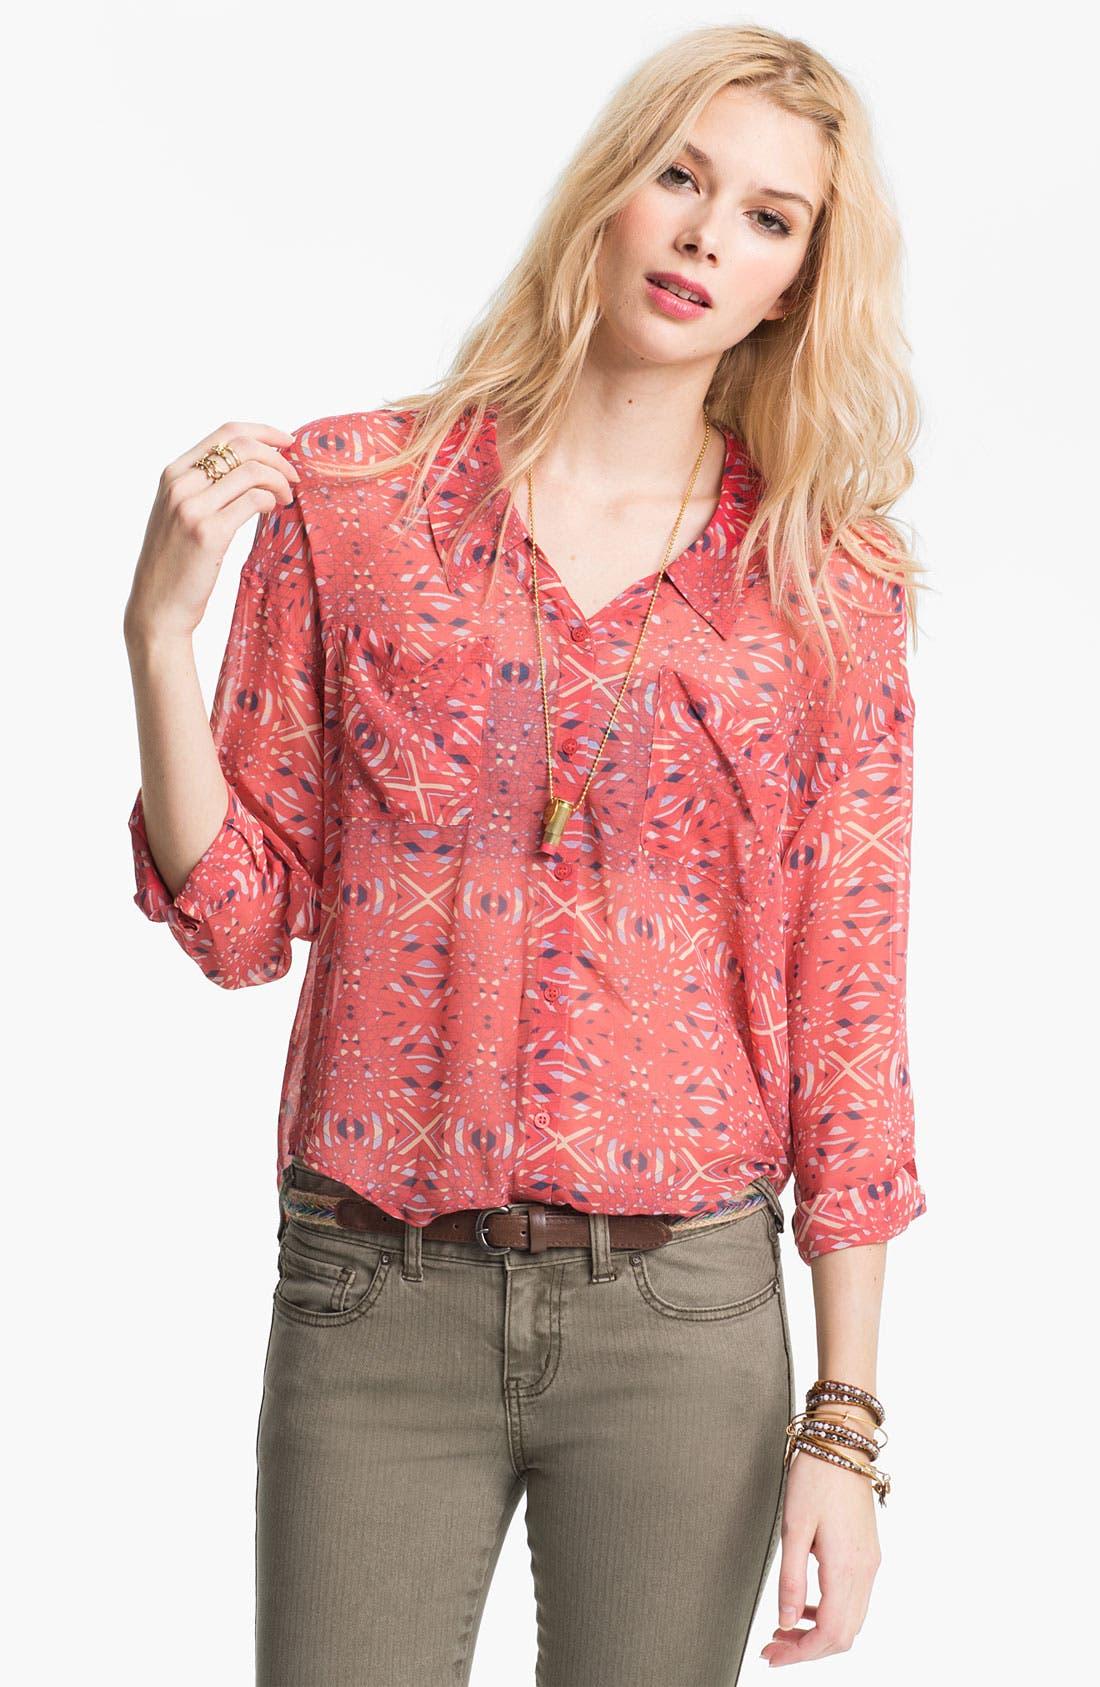 Main Image - Free People Kaleidoscope Print Chiffon Shirt